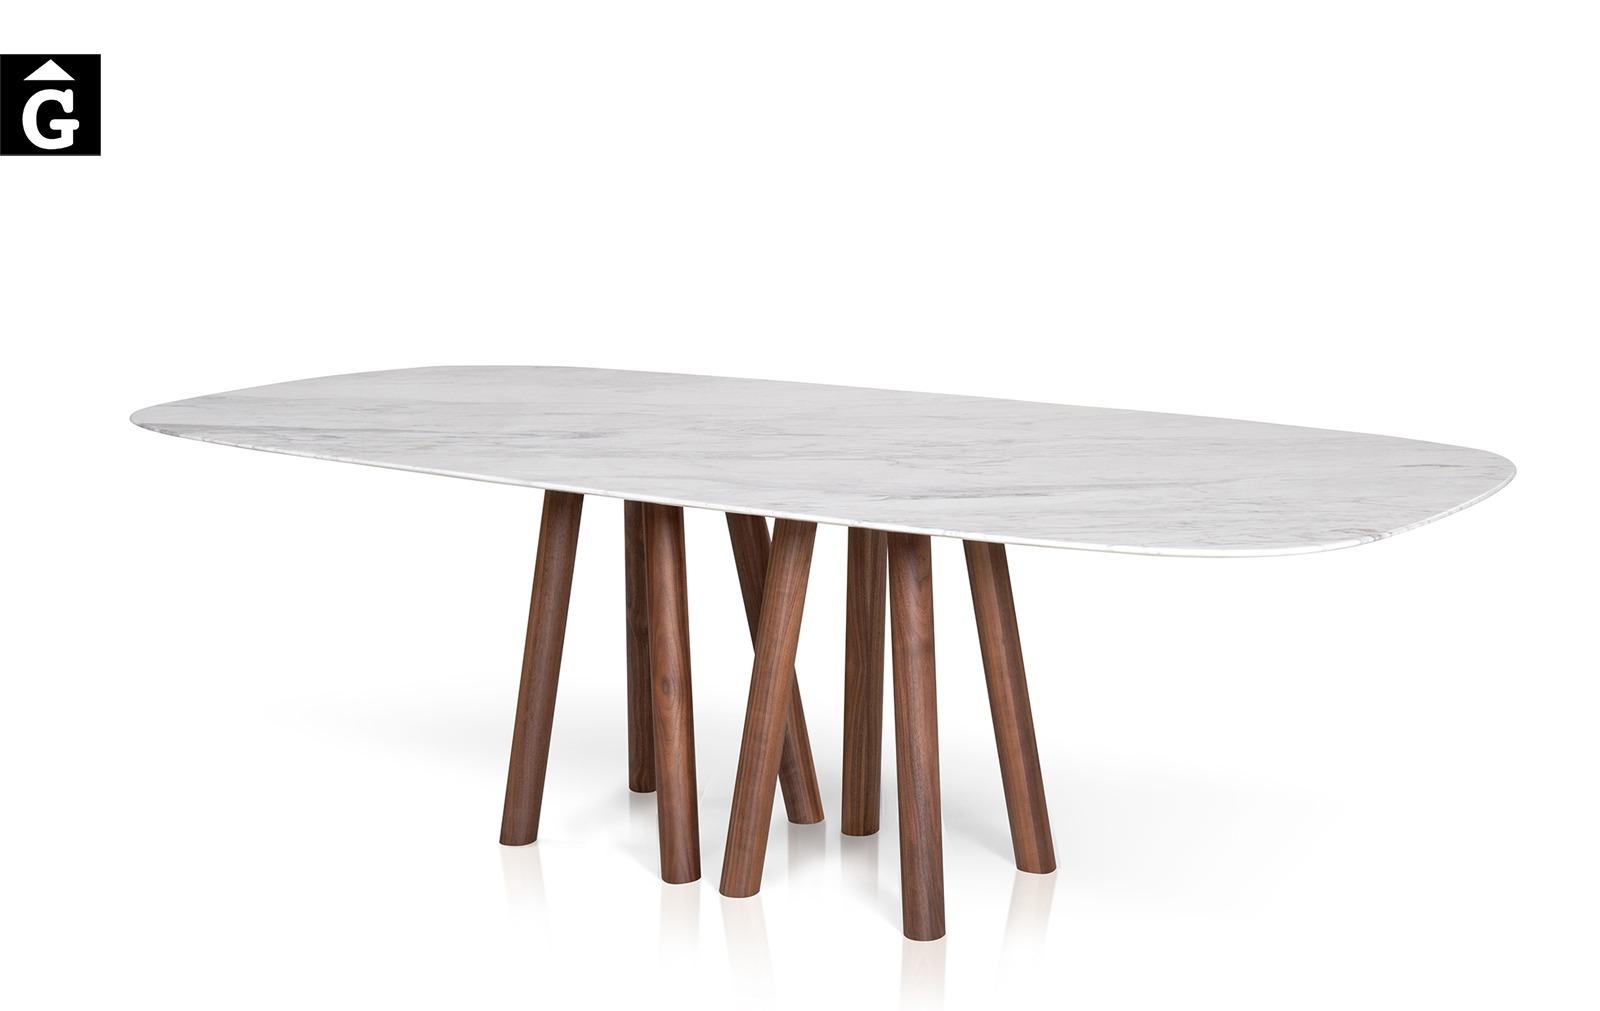 27 2 Taula menjador Mos-i-ko sobre marbre blanc al2 fabricant de mobles Grec distribuïdor mobles Gifreu